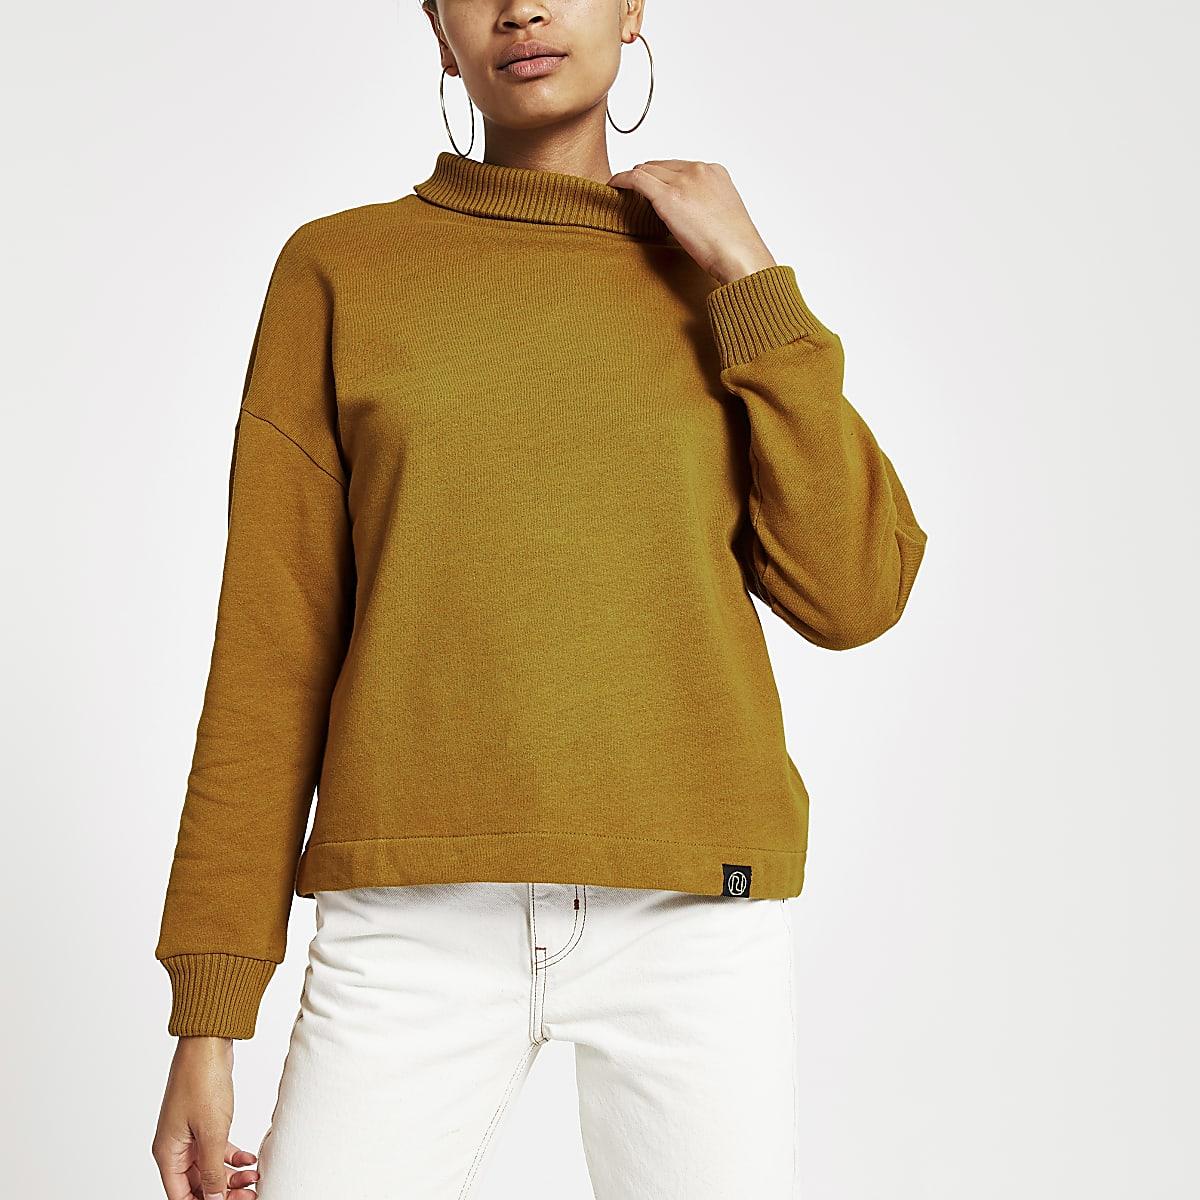 Donkergeel hoogsluitend sweatshirt met ribbels